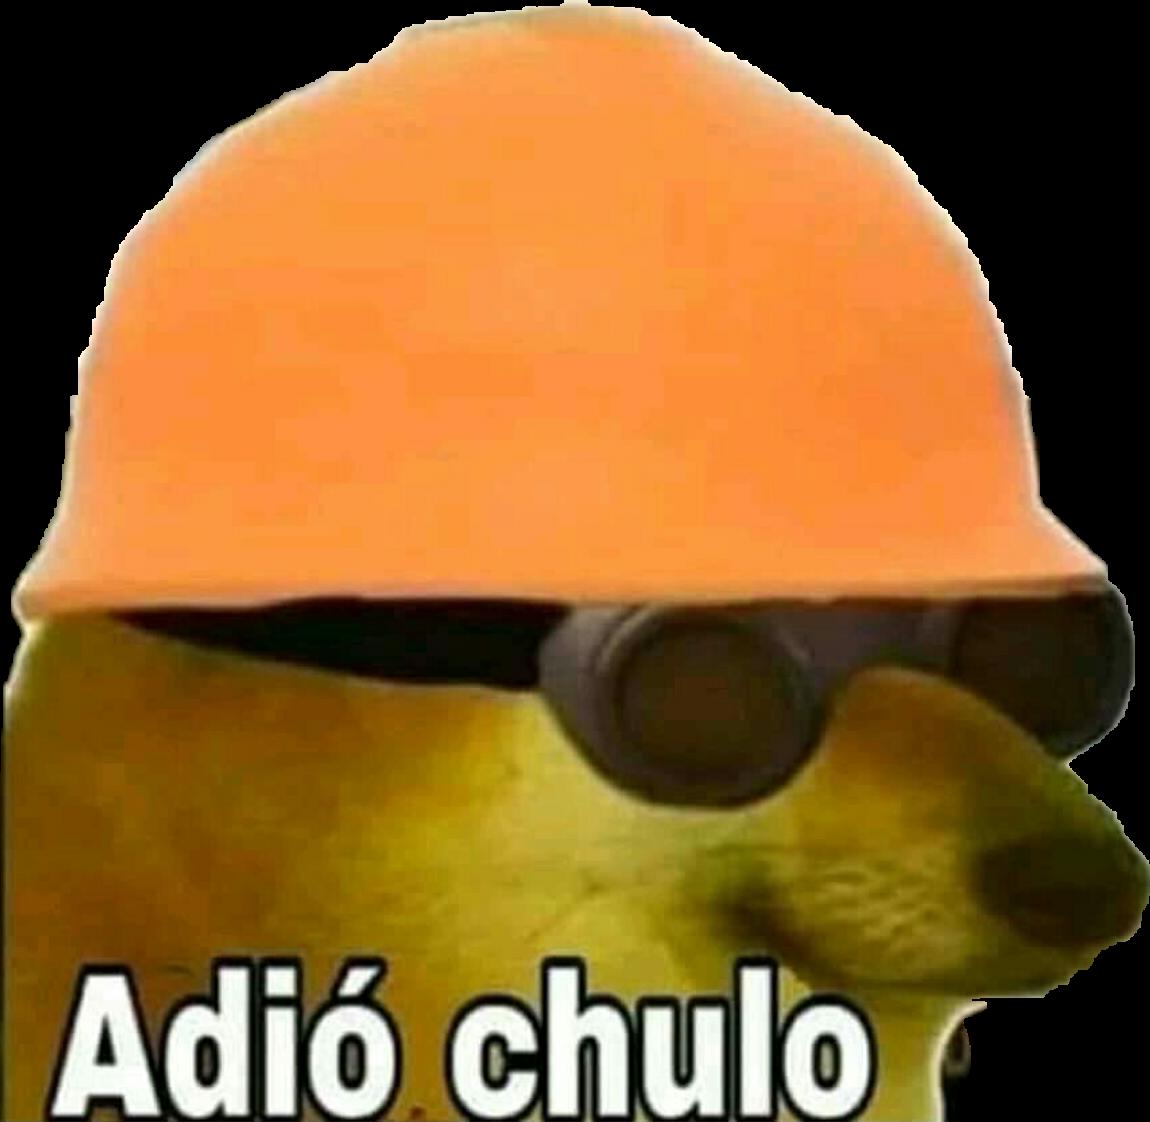 Freetoeditadio Chulo Adiochulo Remixit En 2020 Memes Graciosos Para Whatsapp Imagenes Para Memes Memes Para Comentarios